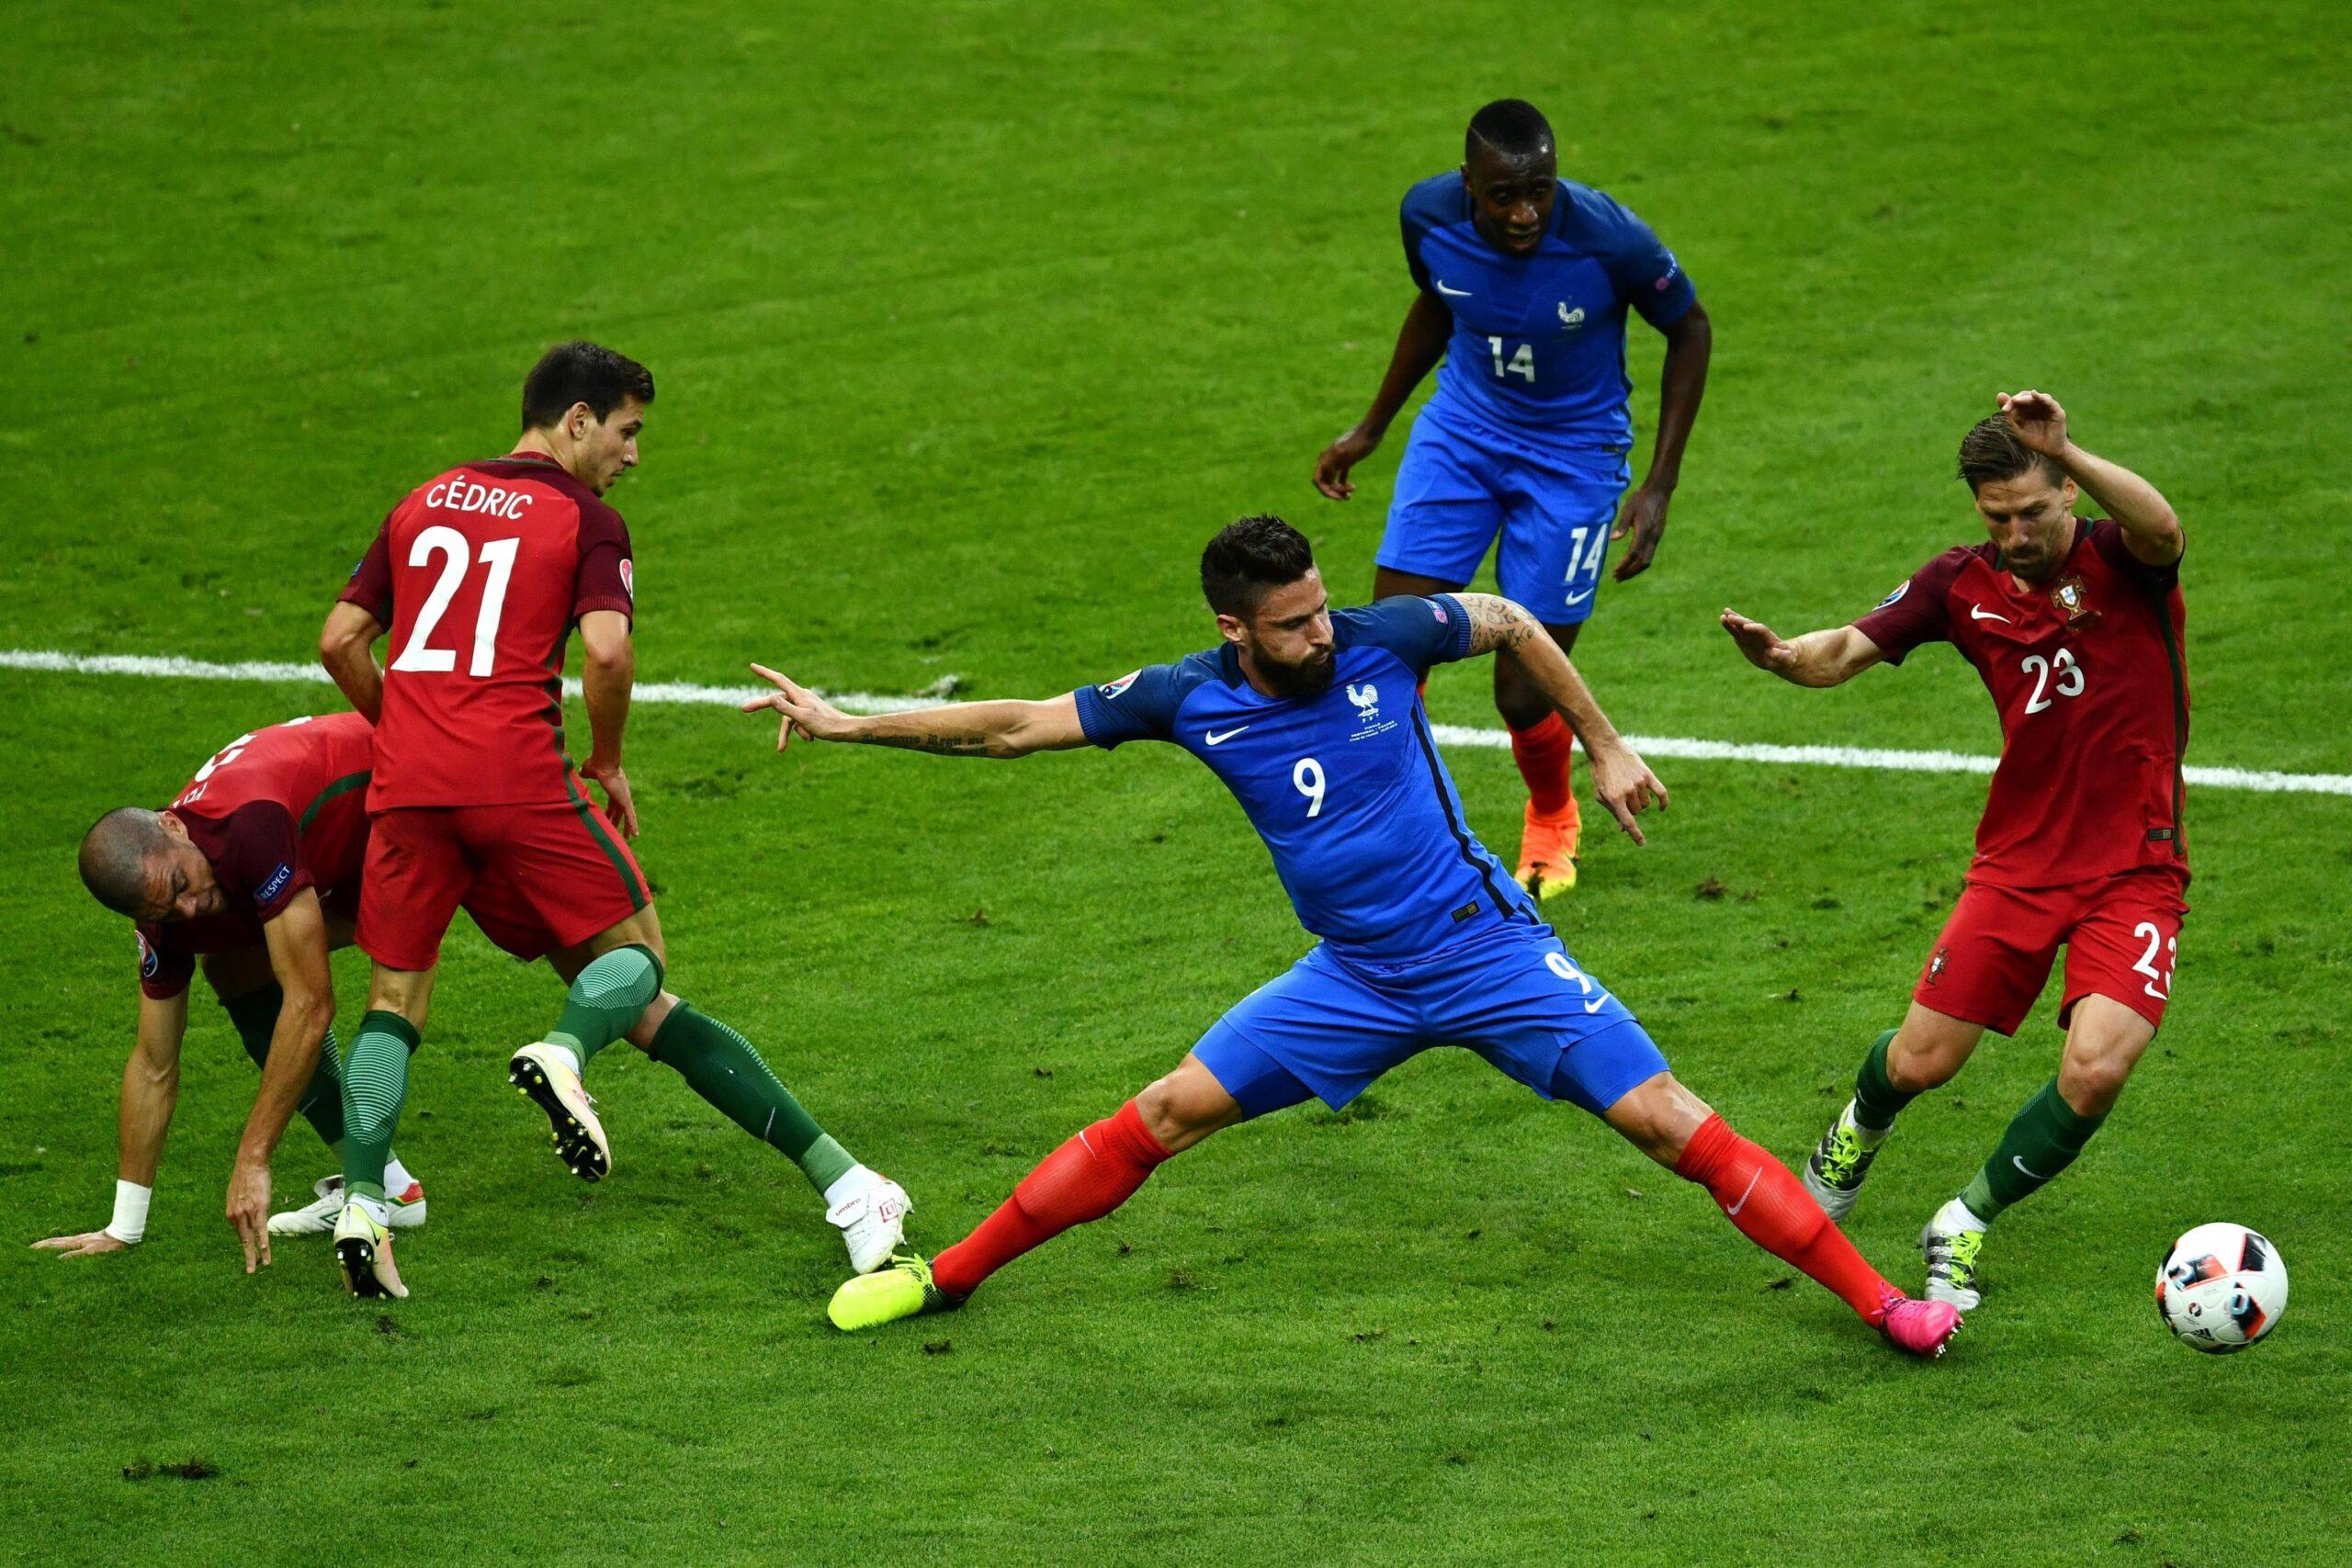 França-Portugal: No próximo domingo